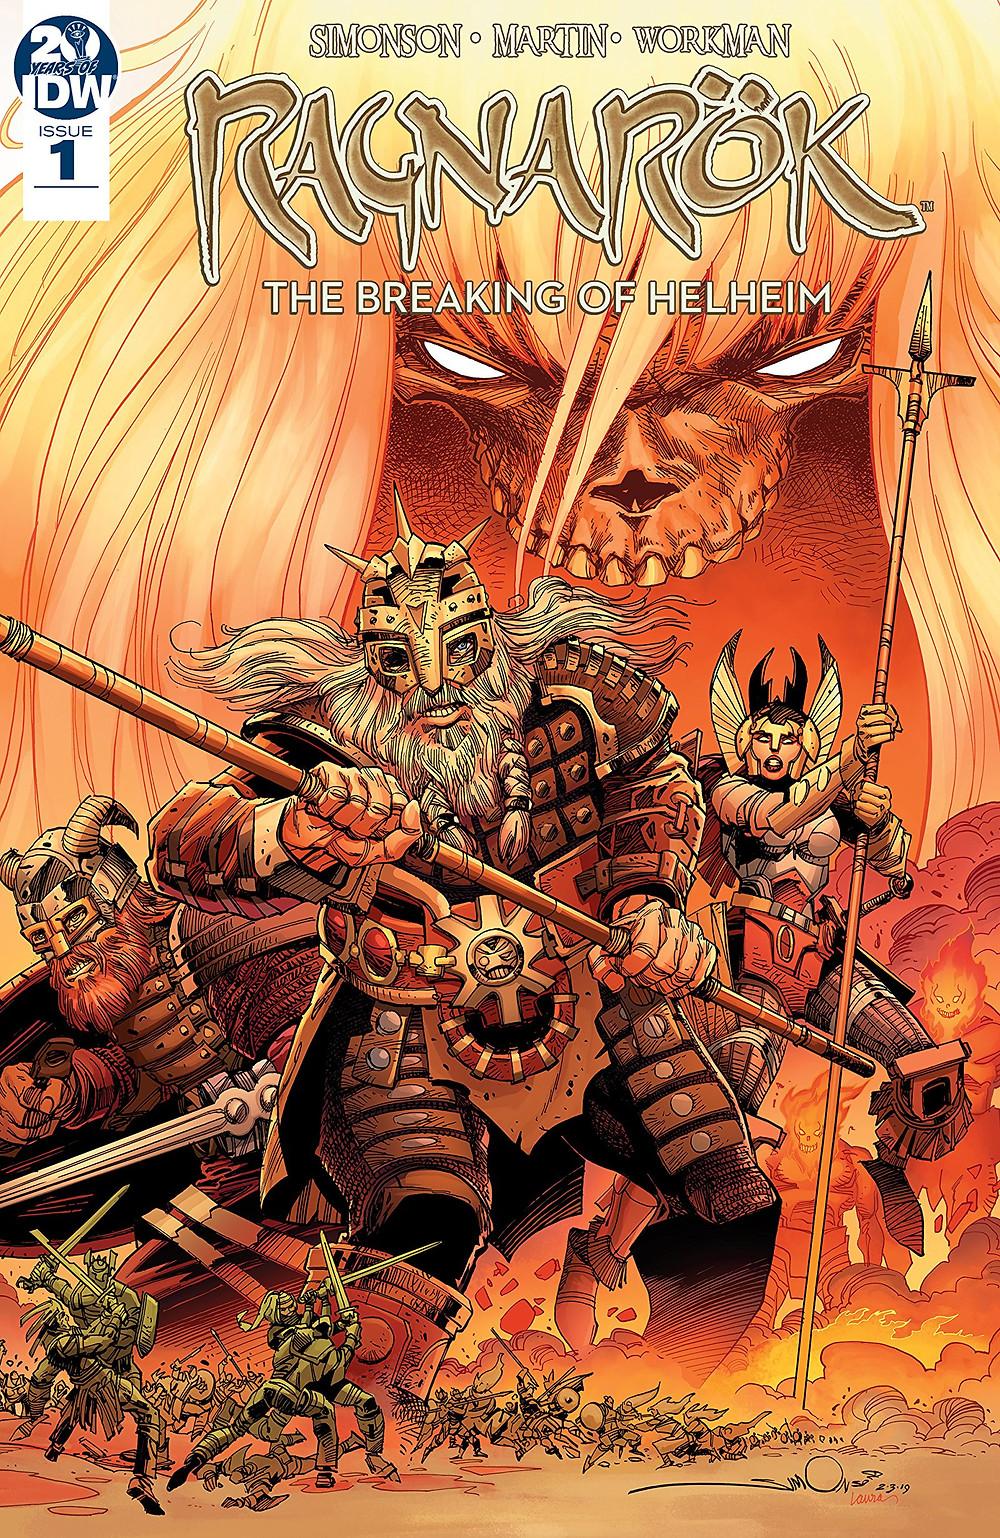 Ragnarök, The Breaking of Helheim, issue #1, cover, Simonson/Martin/Workman